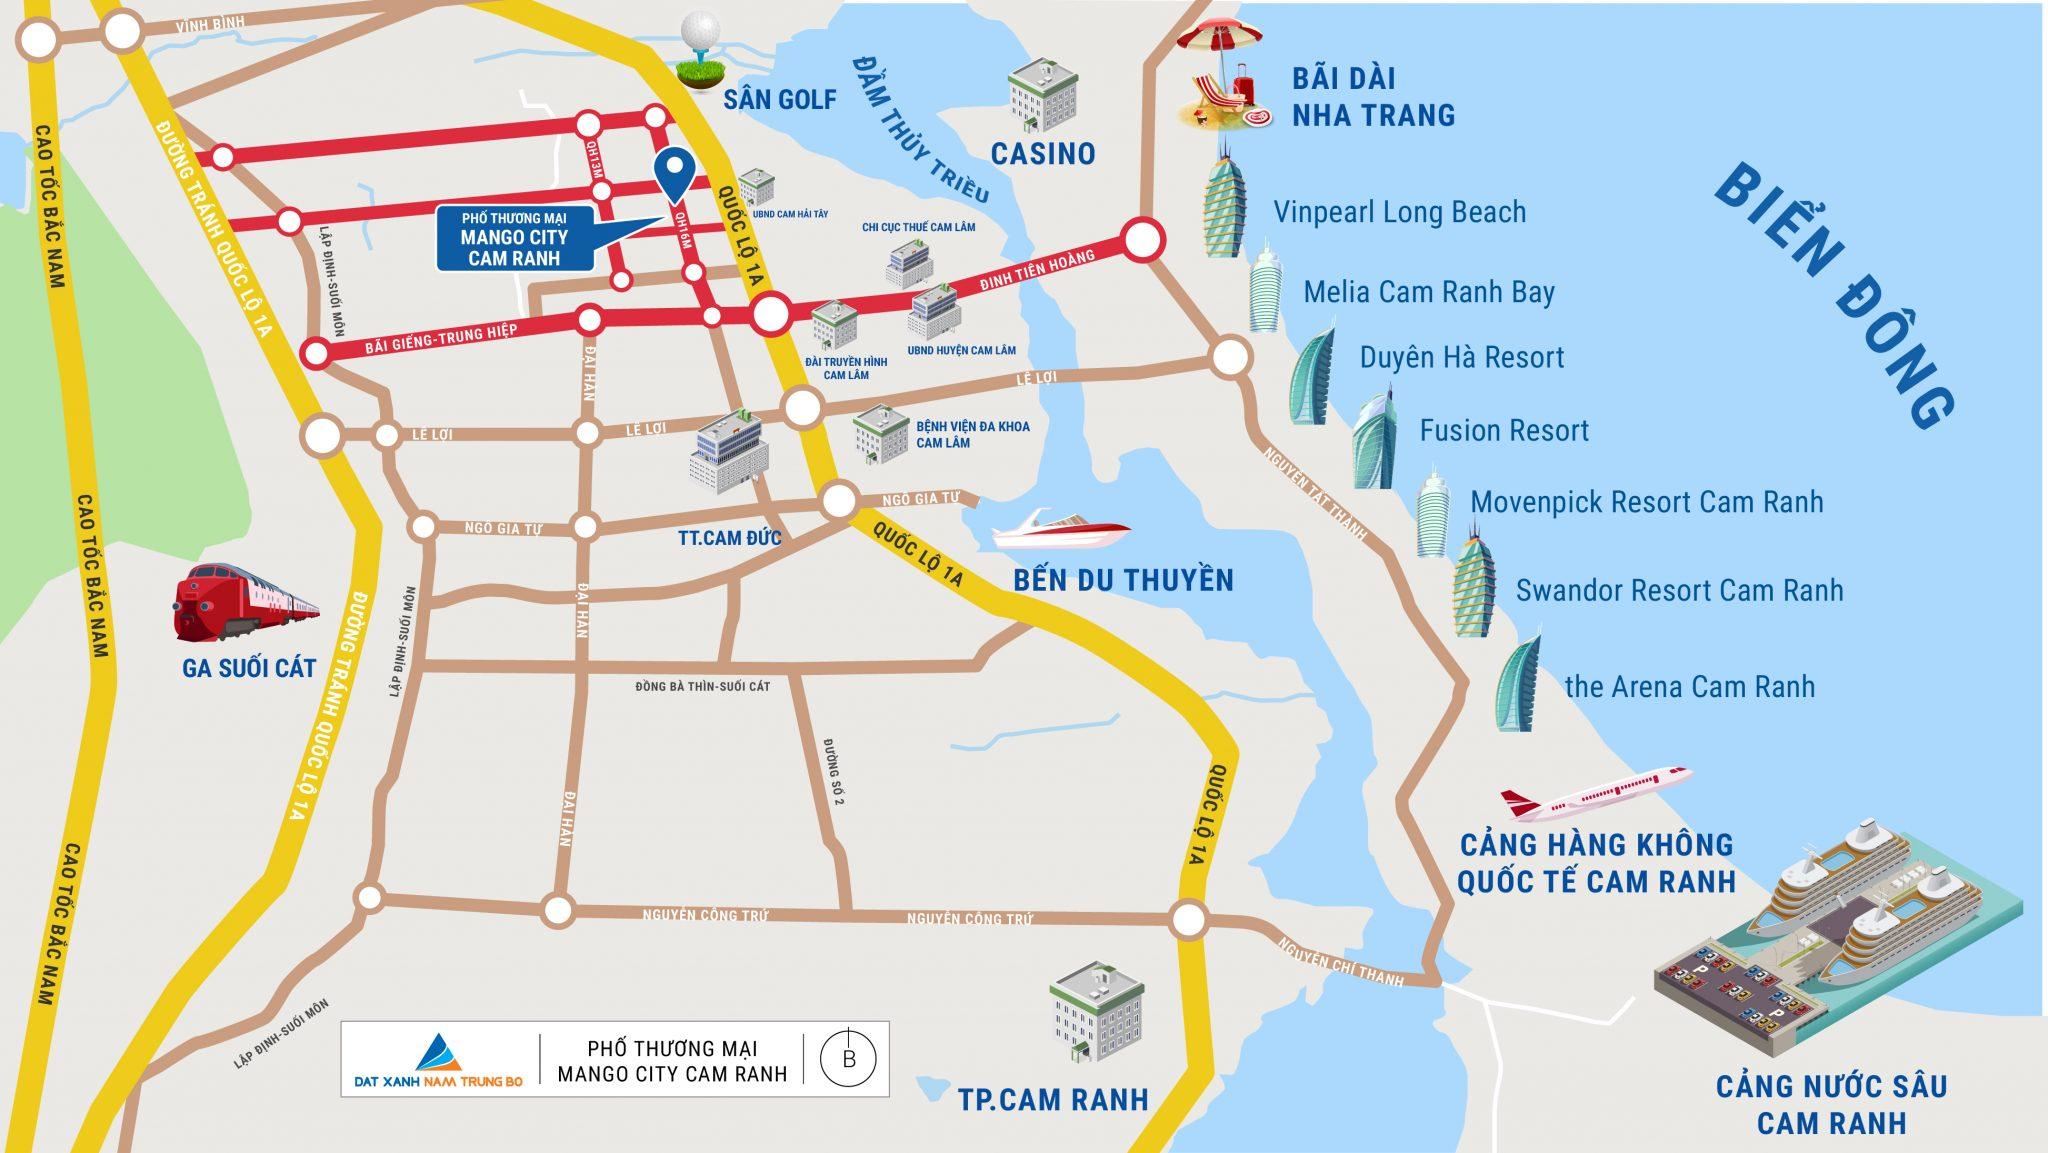 map 01 01 01 2 - DỰ ÁN ĐẤT NỀN MANGO CITY CAM LÂM ĐẤT XANH NAM TRUNG BỘ